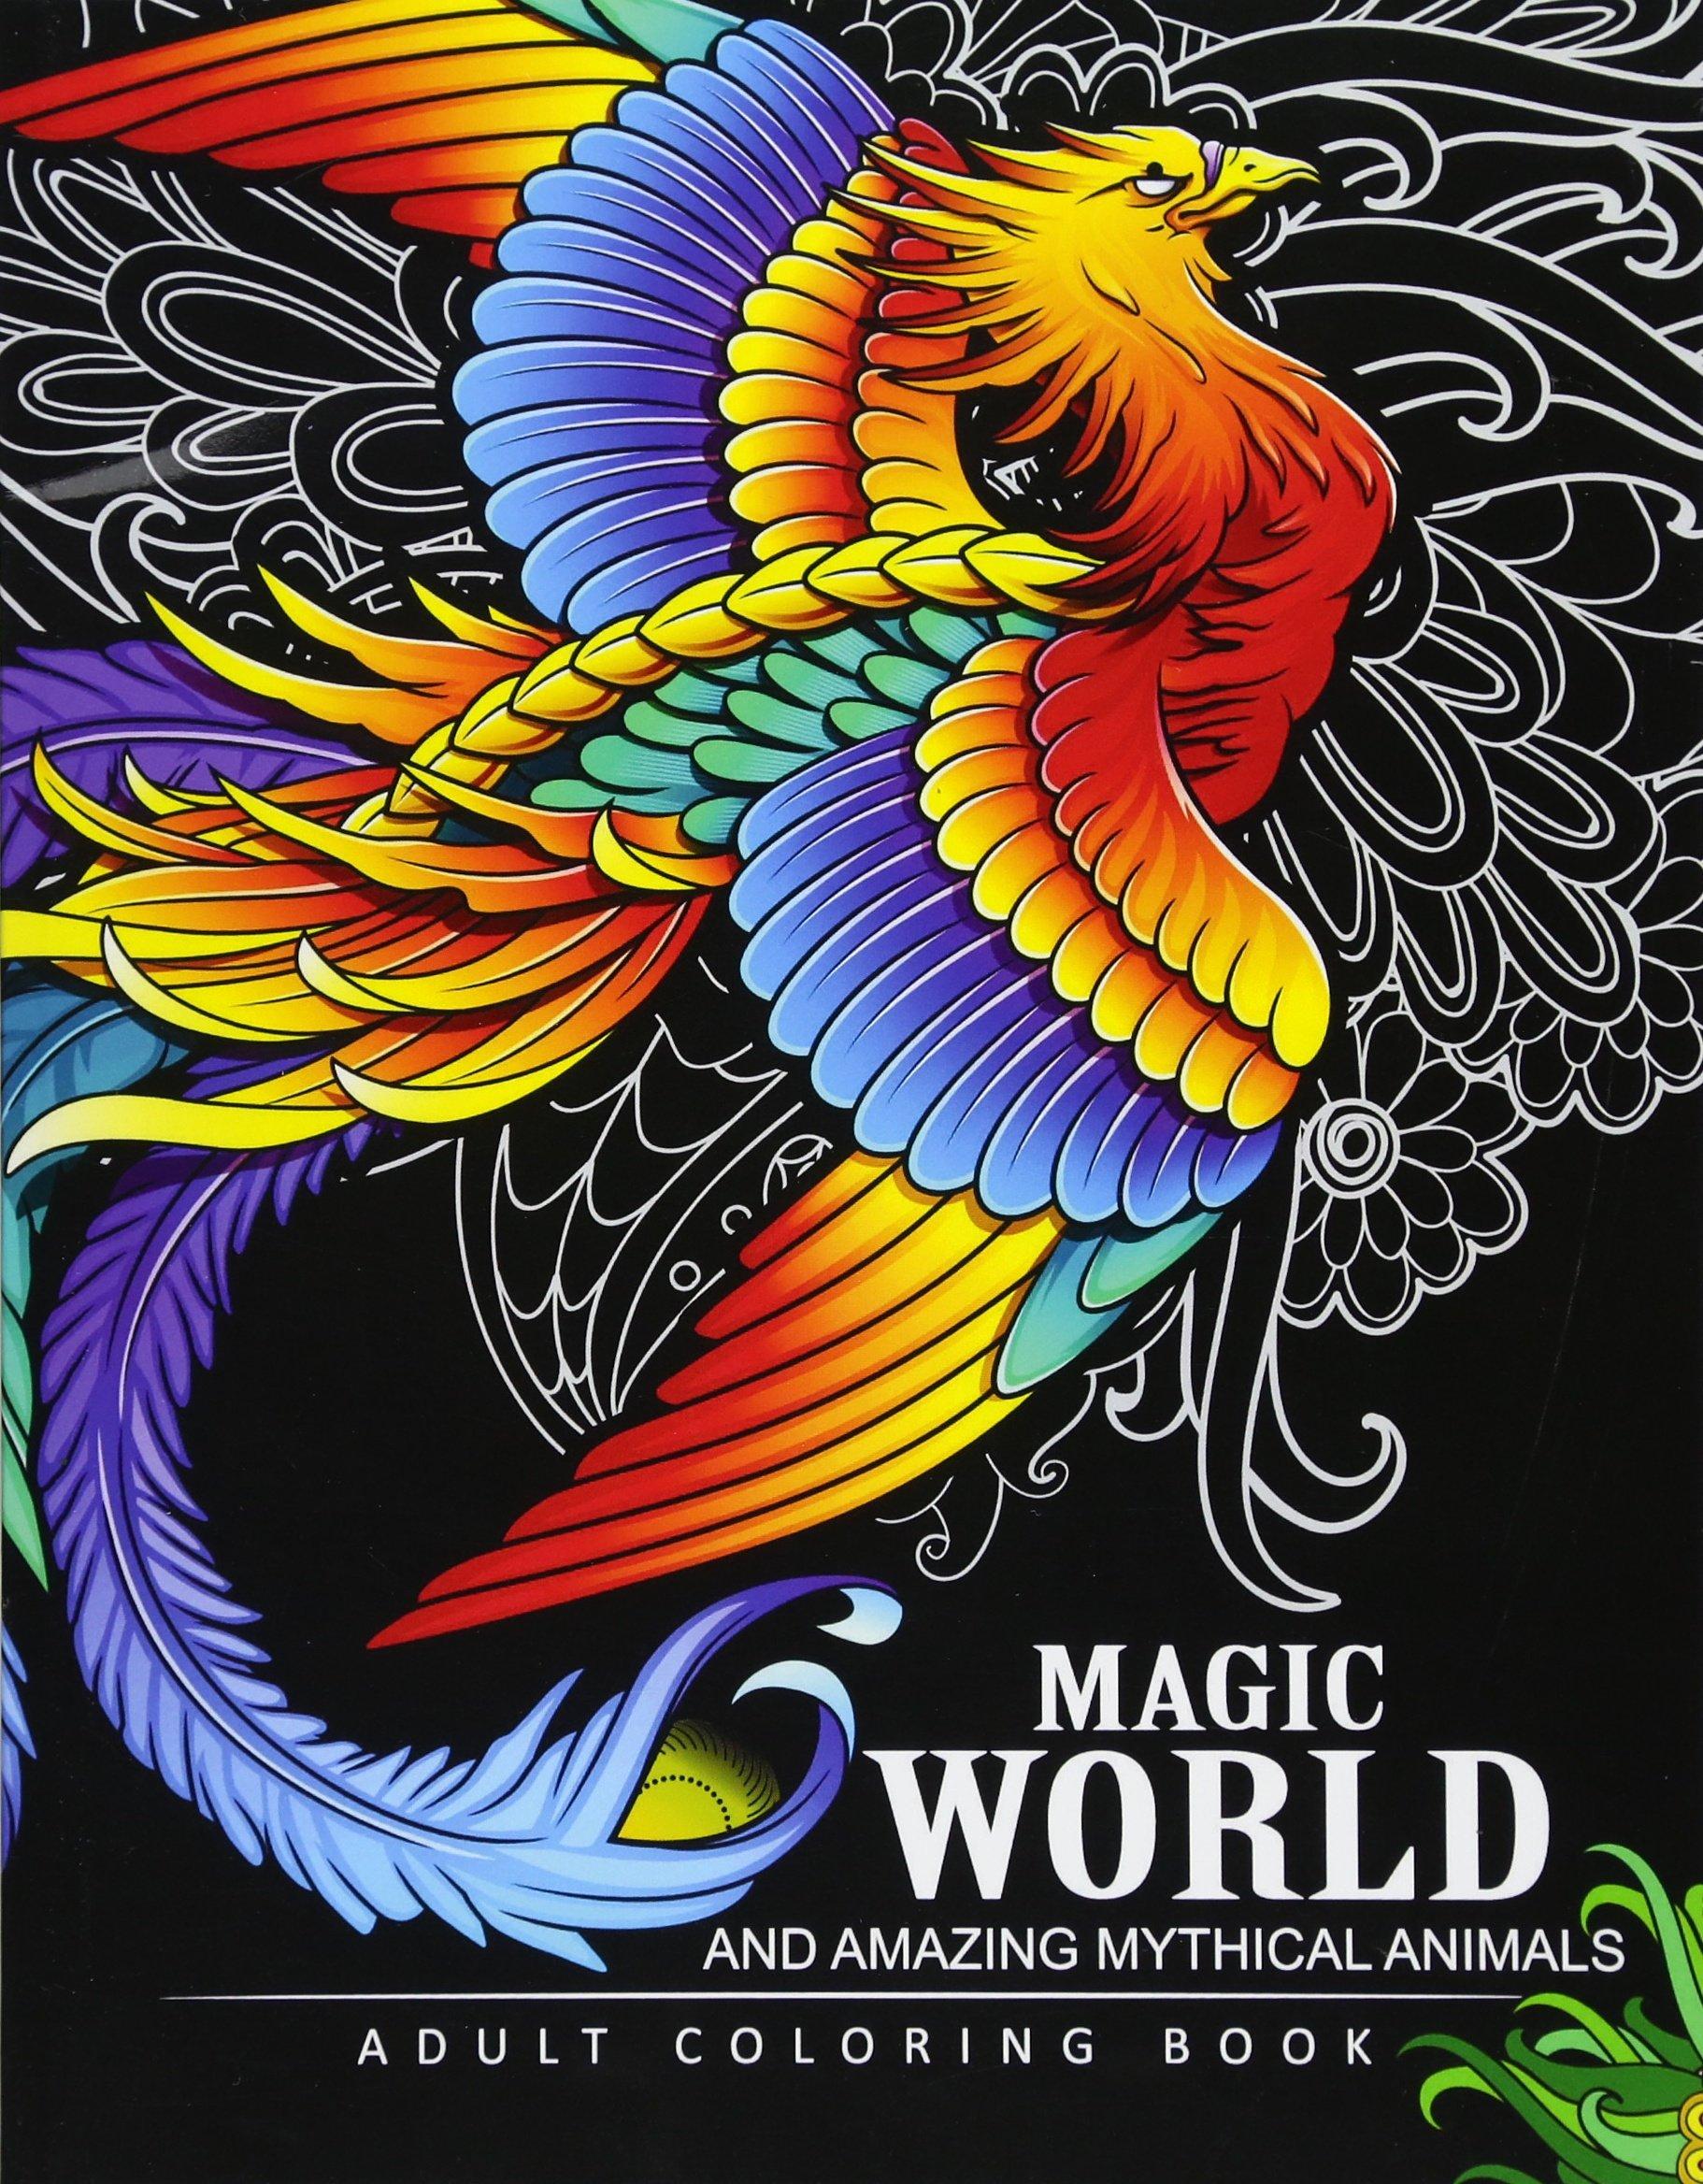 Magical World Amazing Mythical Animals product image